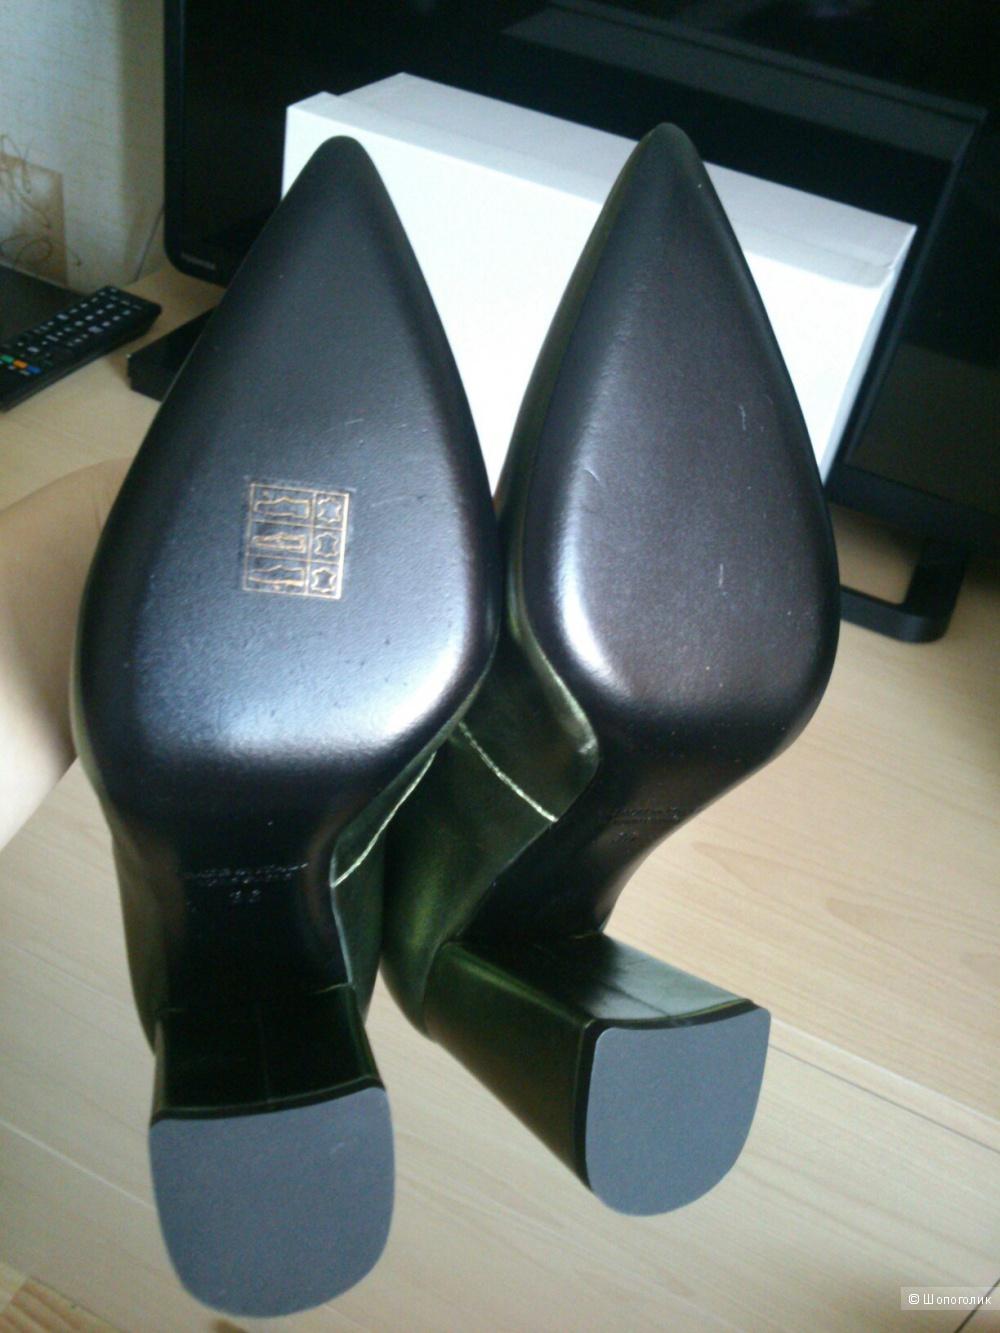 Туфли/ботильоны Fauzian Jeunesse. Размер: 36 (23,3 см).